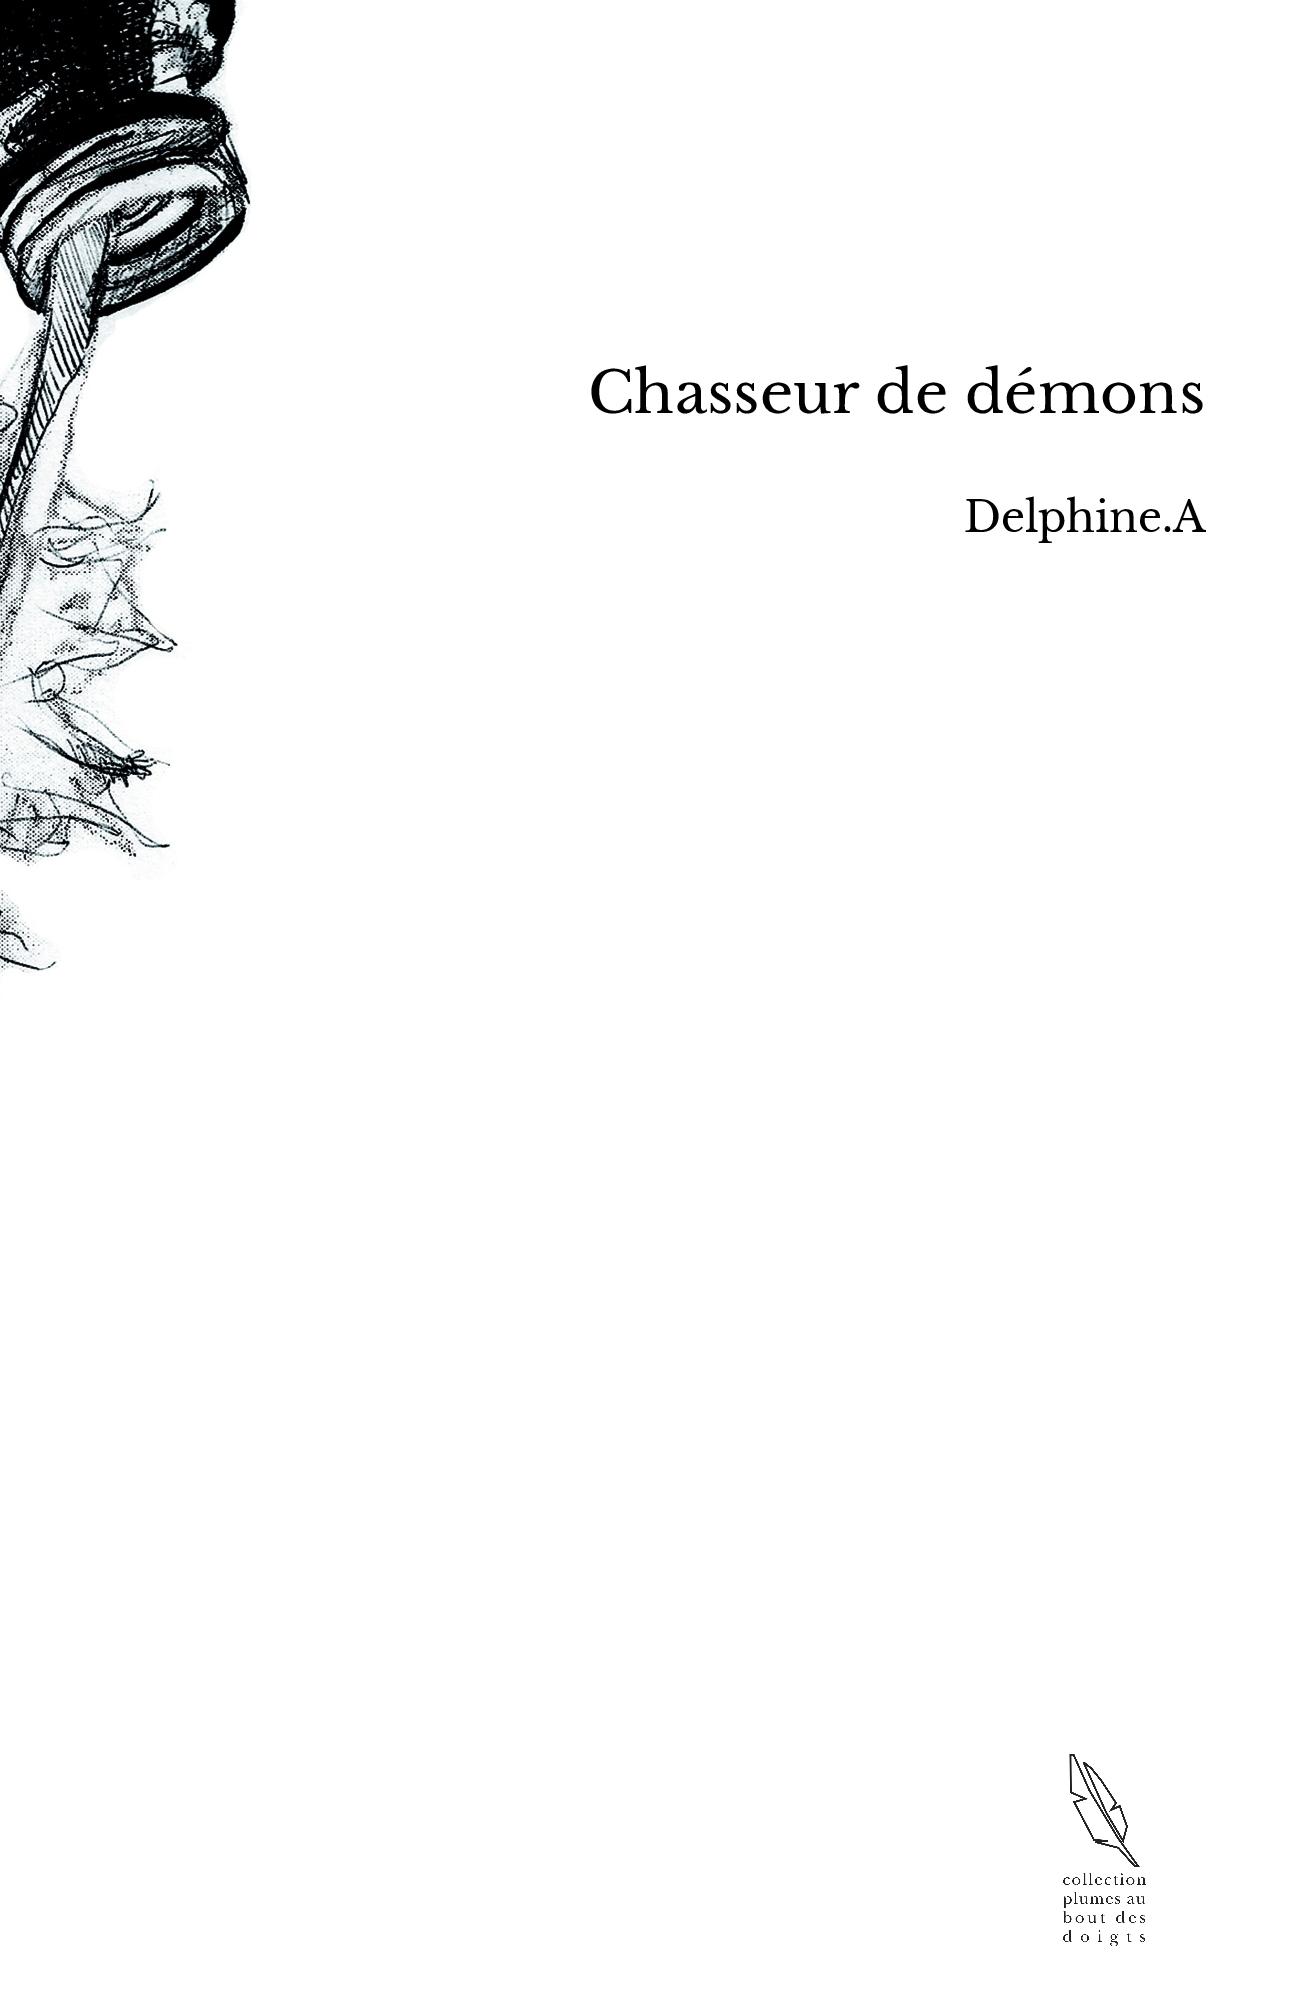 Chasseur de démons